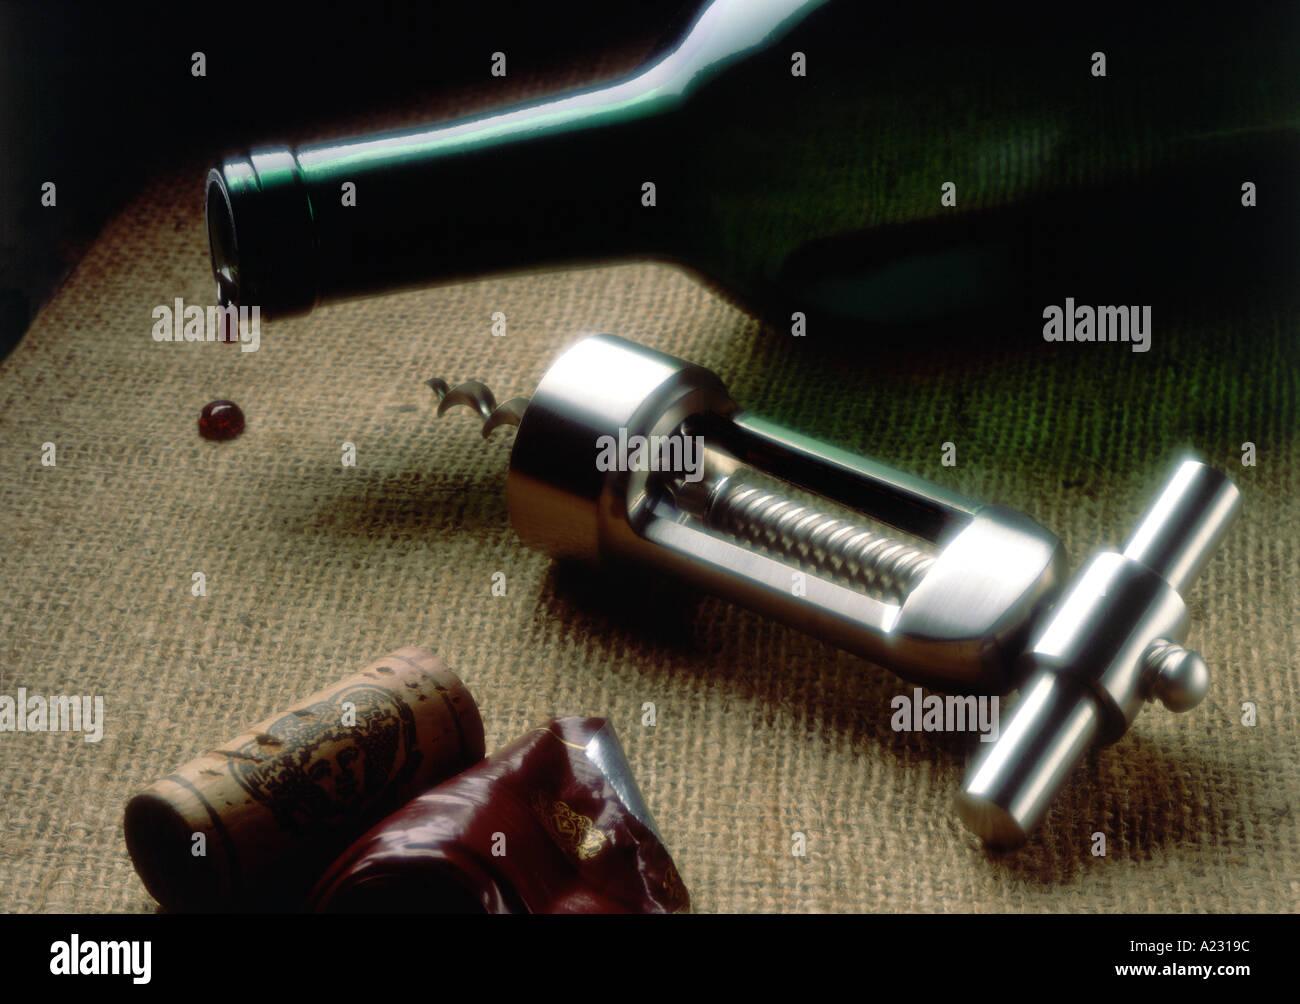 Close-up de l'ouvre-bouteille et bouteille de vin Photo Stock